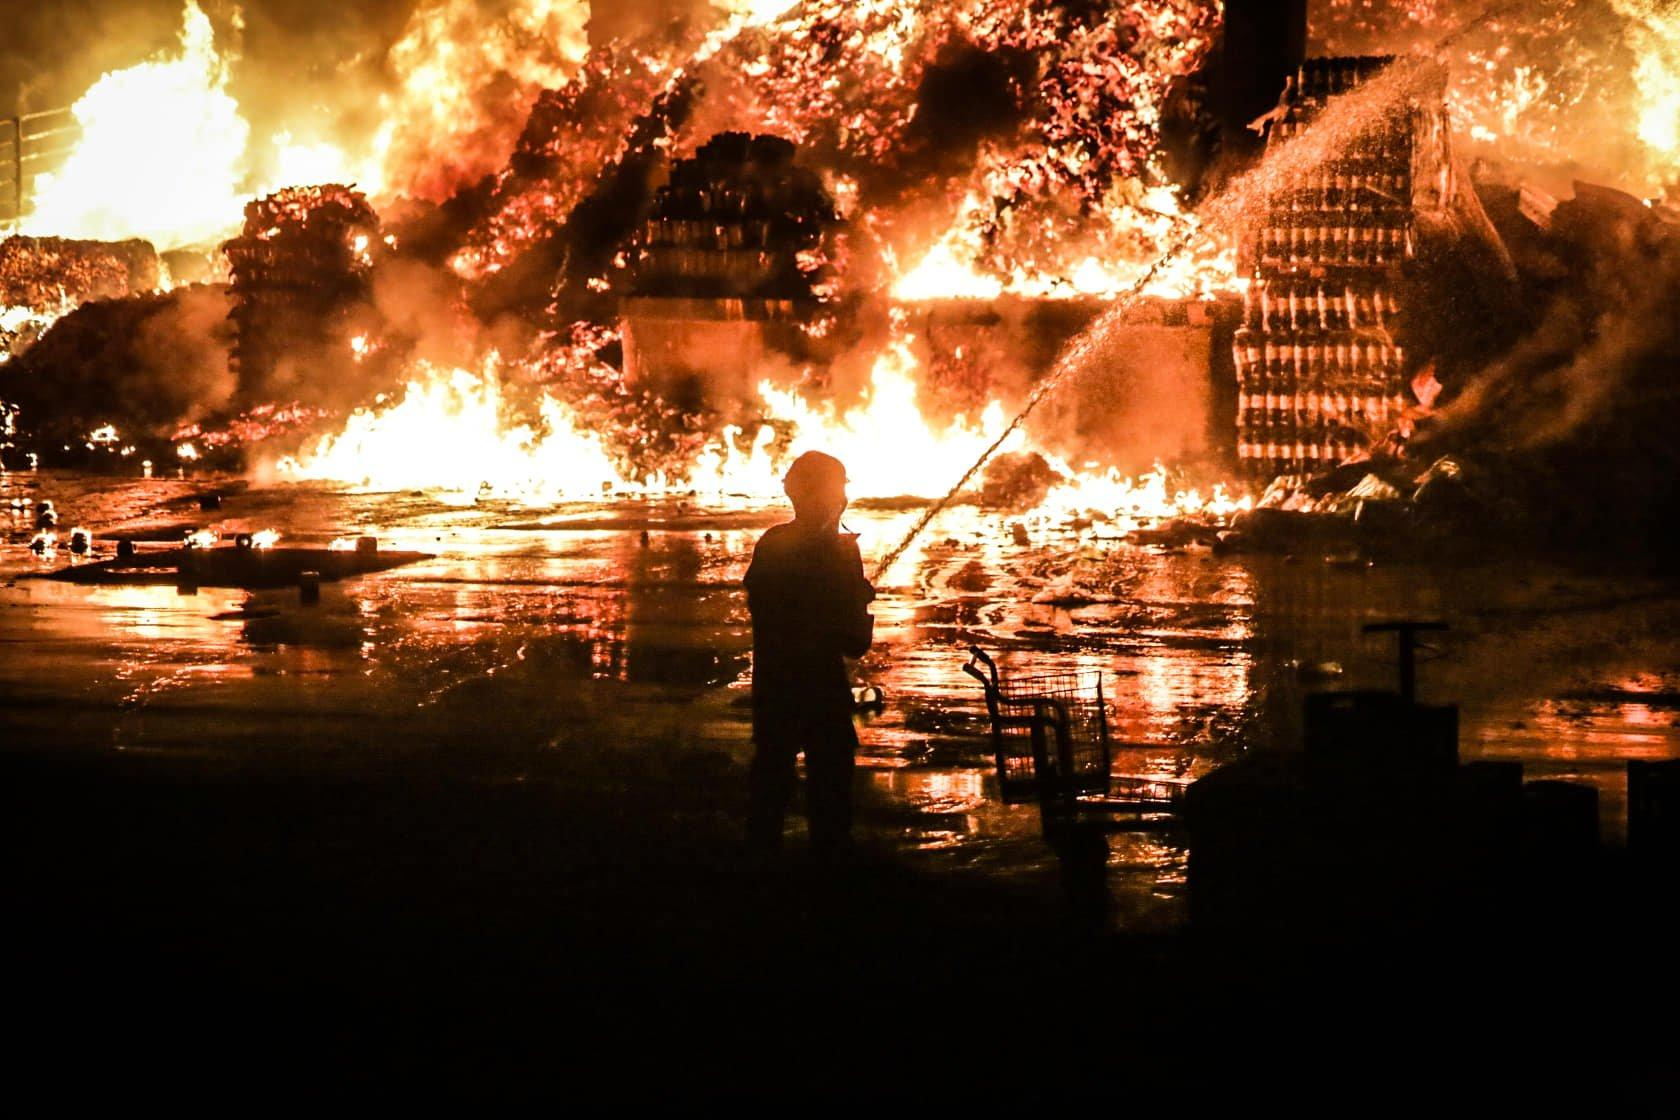 GALERIA: Confira as imagens do incêndio de grandes proporções no Atacadão -  Jornal Midiamax